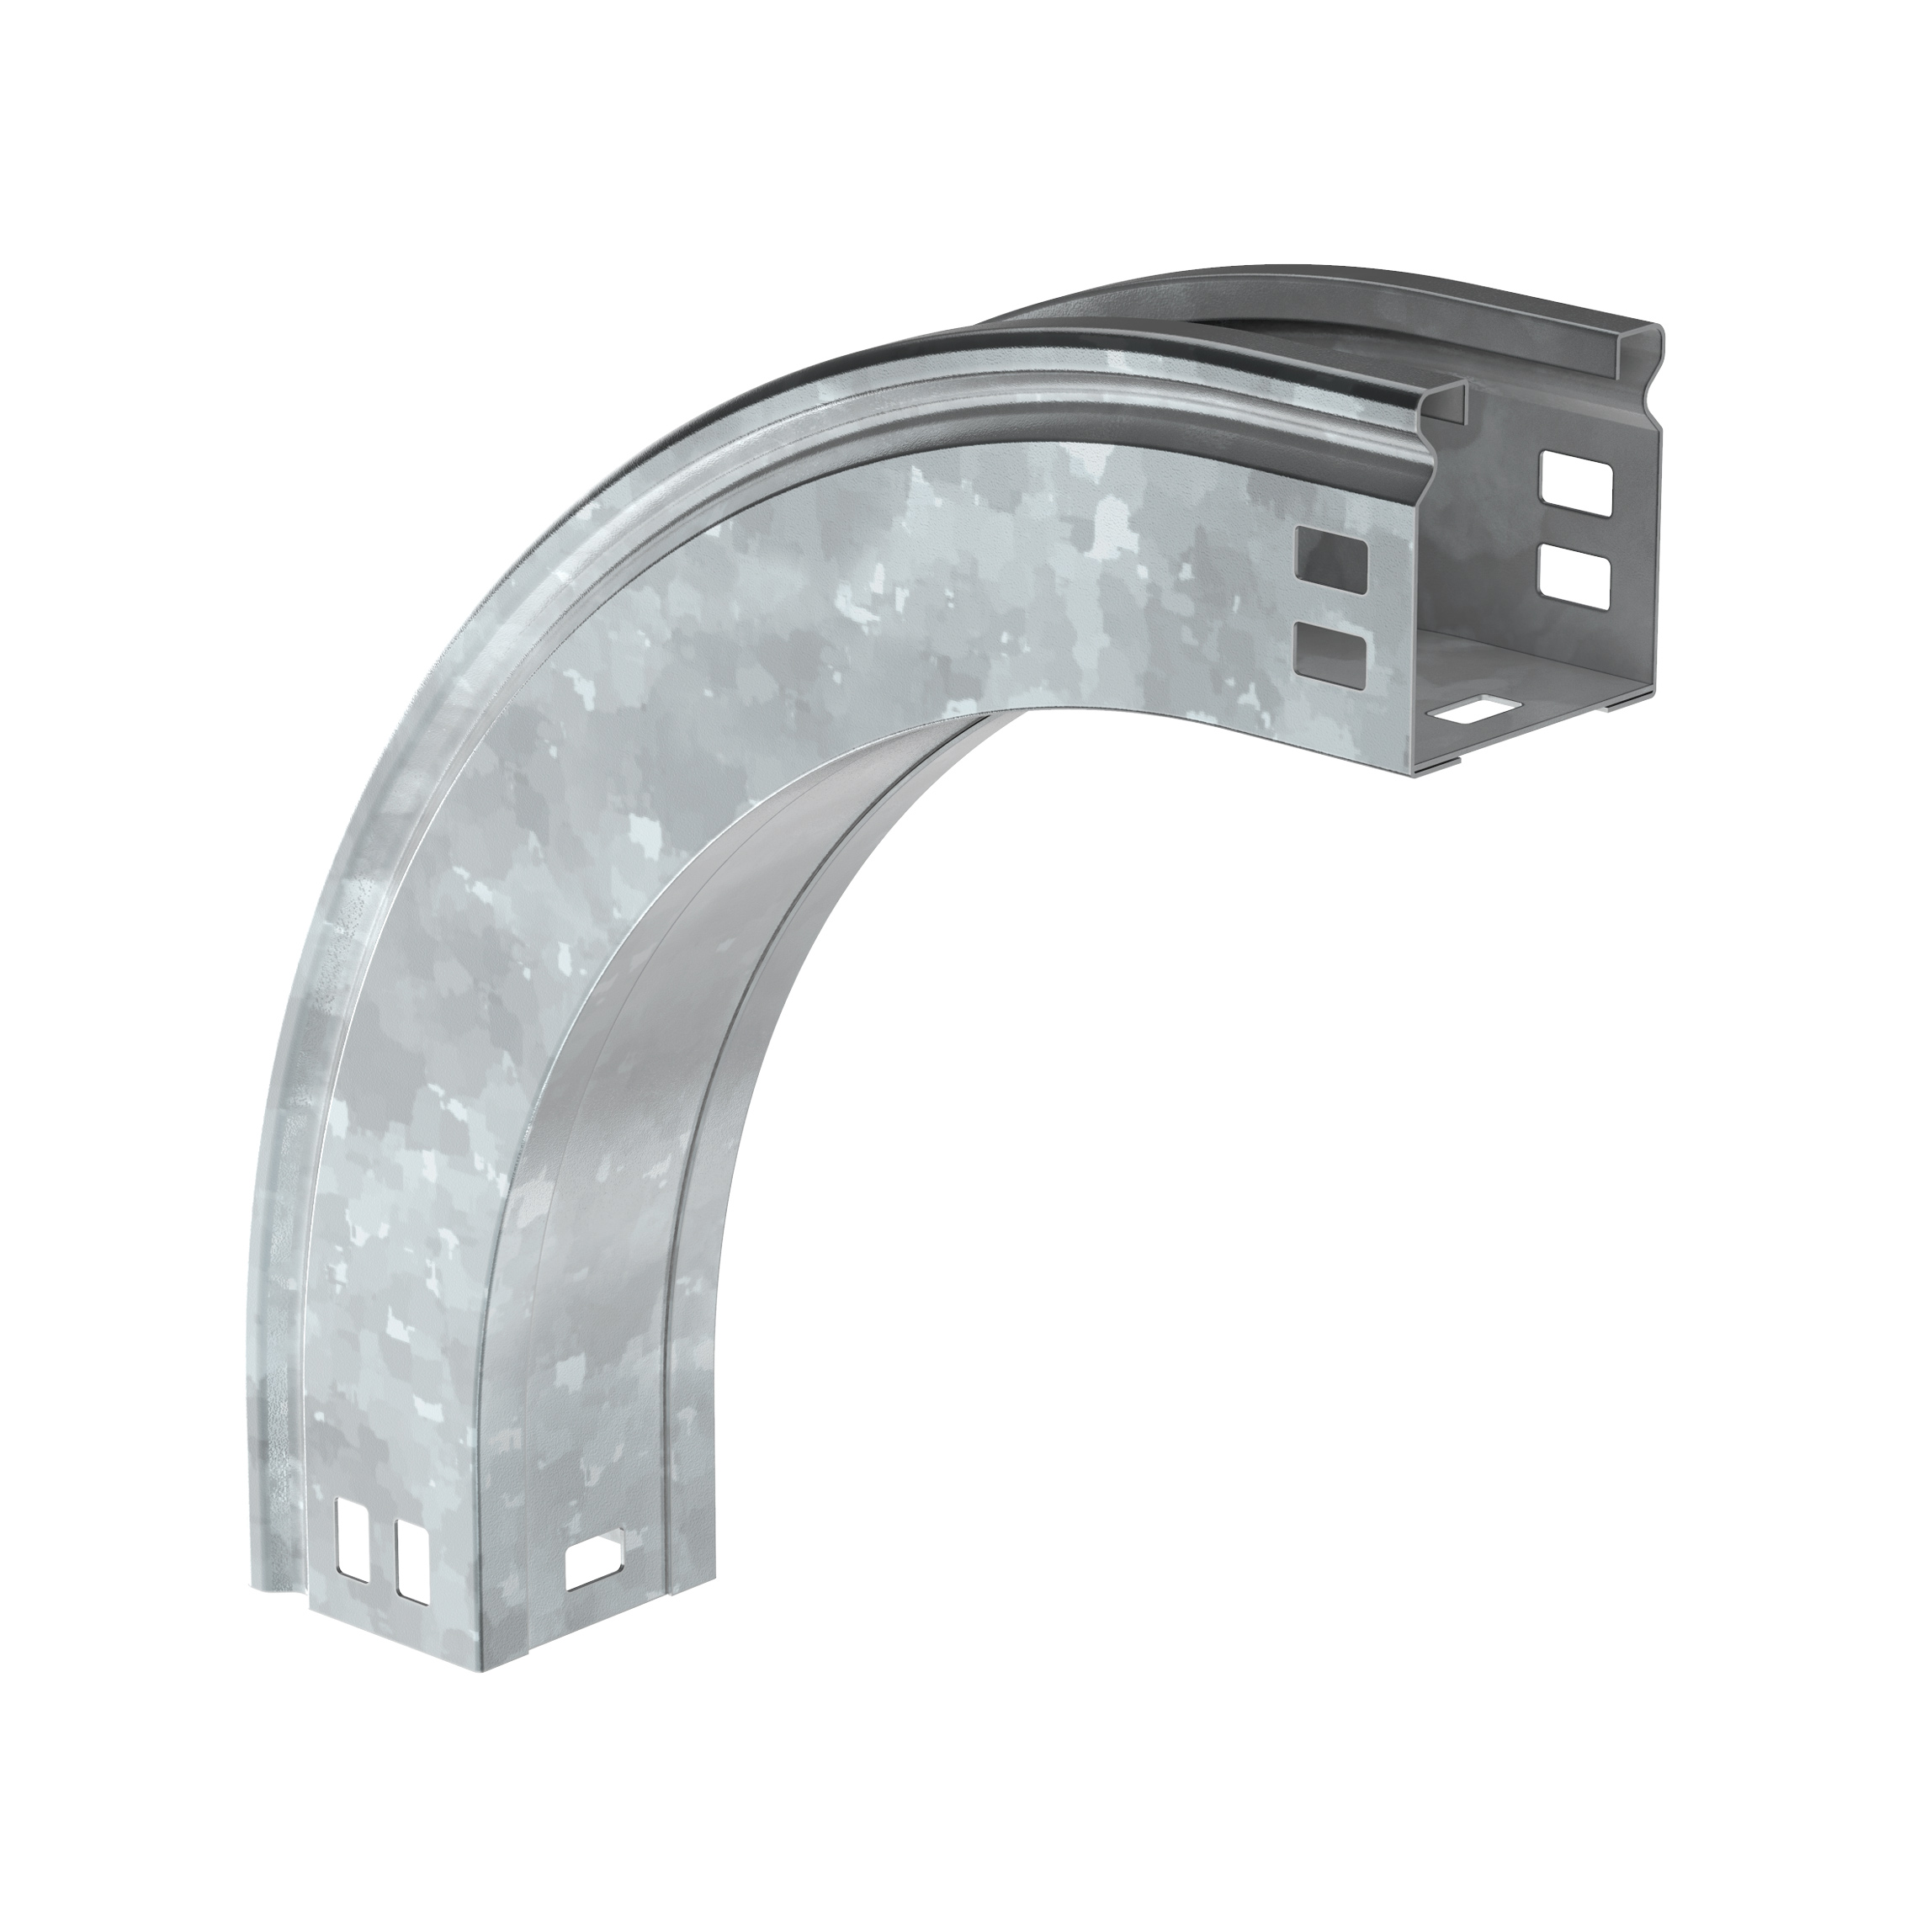 Поворот плавный 90град вертикальный внешний (тип В20) ESCA 50х150мм HDZ IEK 1